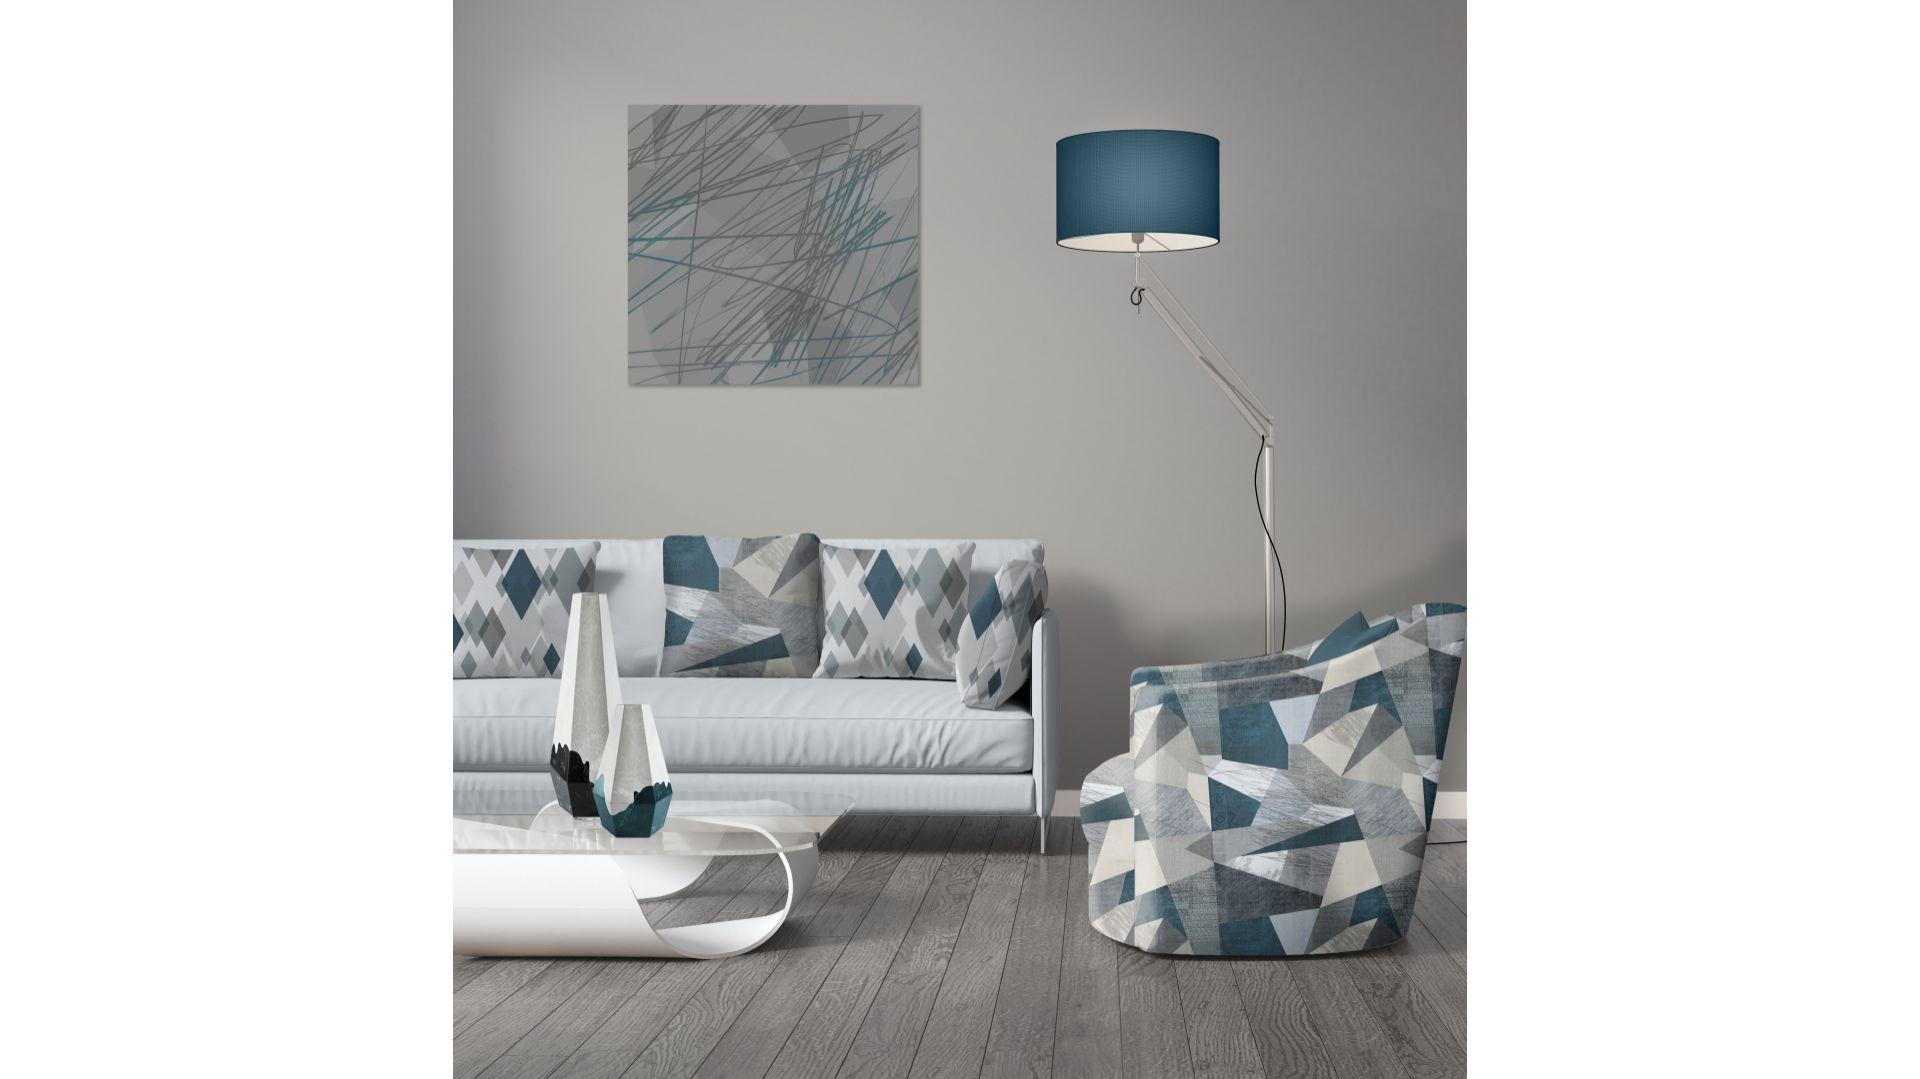 Kolekcja nadruków Holm/Davis. Produkt zgłoszony do konkursu Dobry Design 2018.